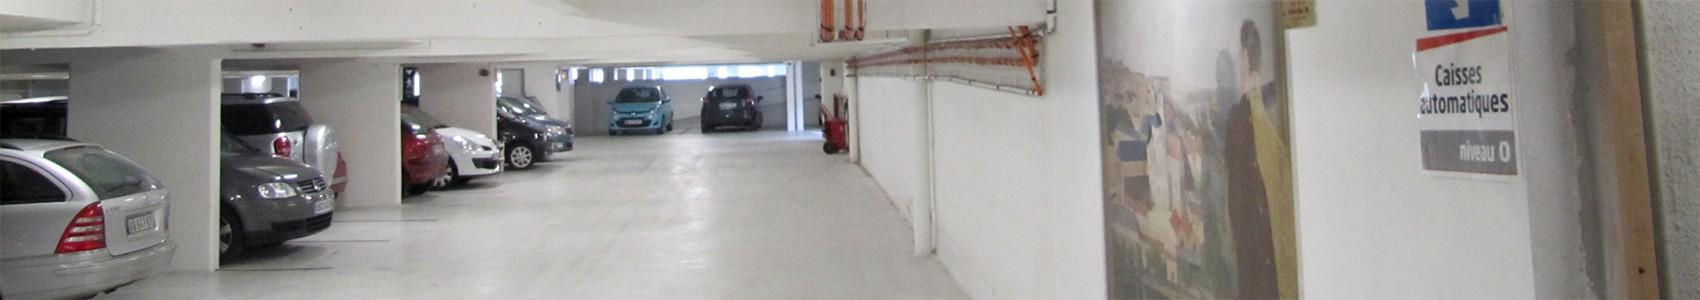 Parcs de stationnement couverts